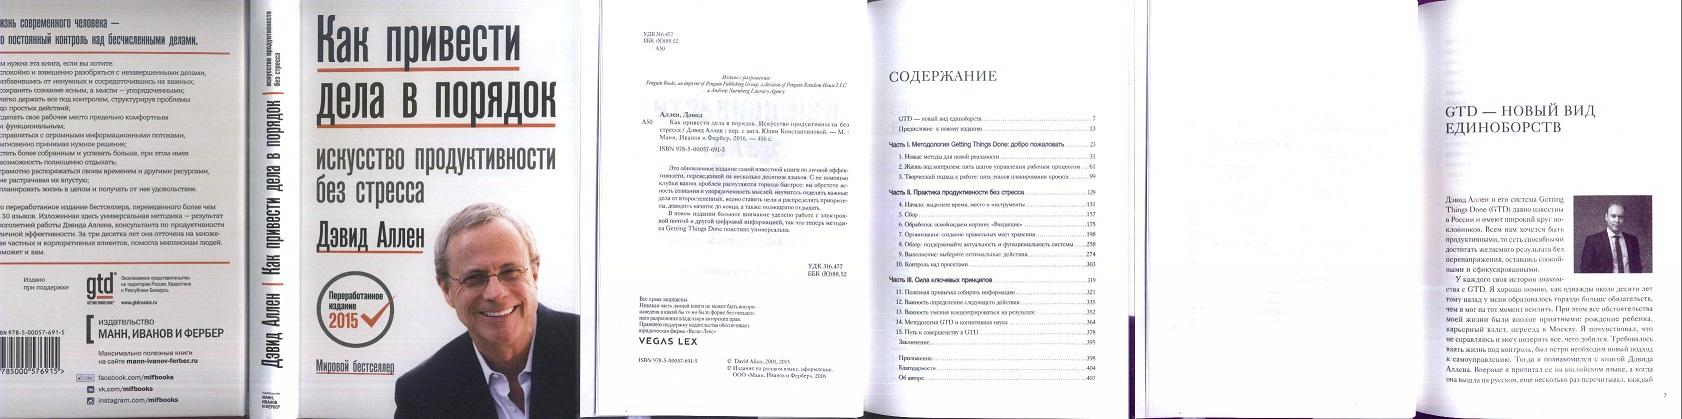 Михаил зыгарь вся кремлевская рать читать полностью онлайн бесплатно